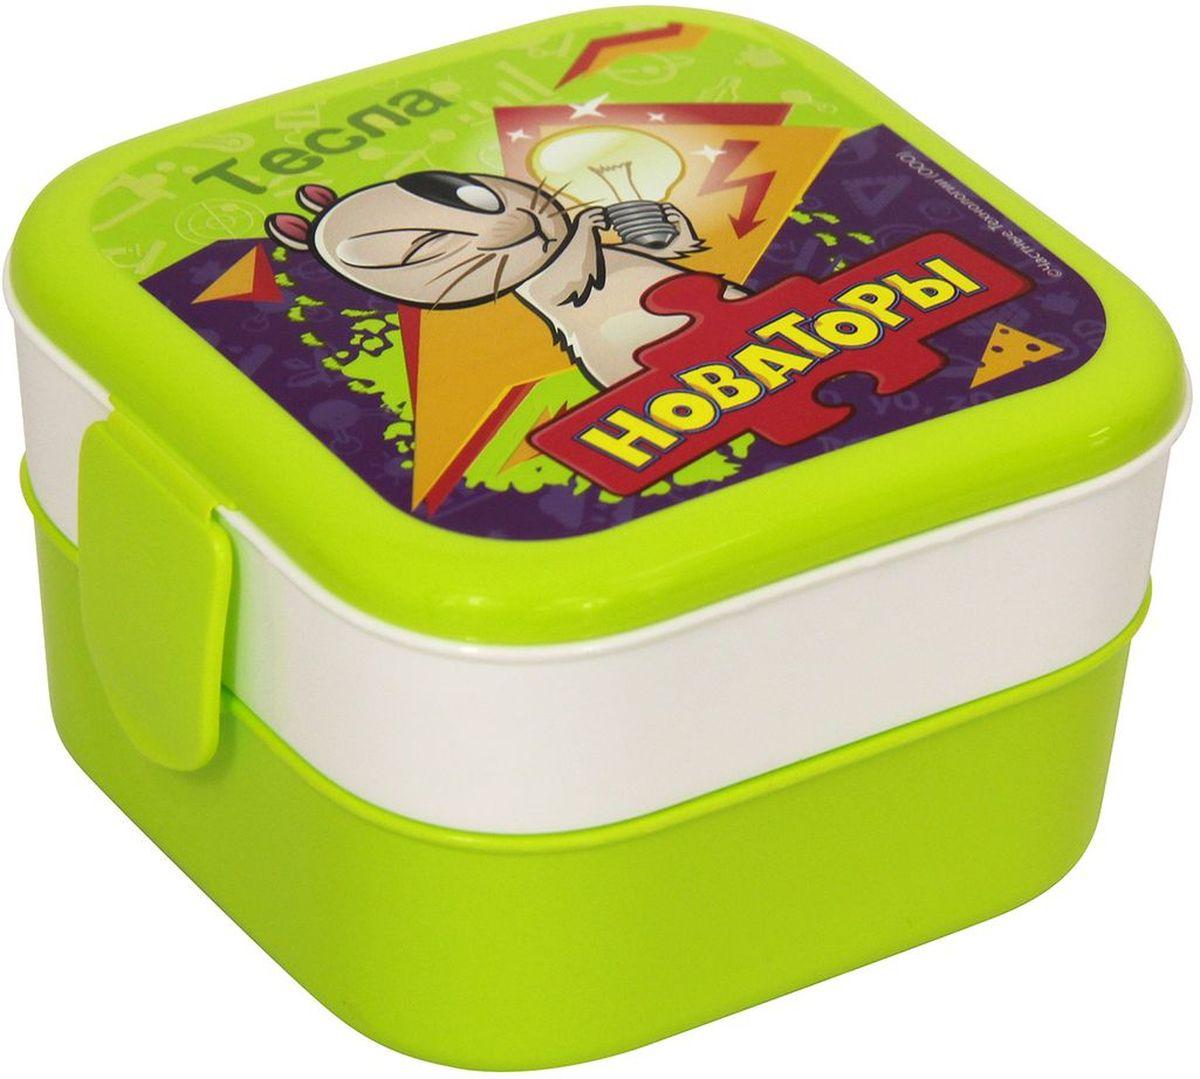 Контейнер Idea Disney. Новаторы, 2 секции, цвет: салатовыйJUG 1 WhiteКонтейнер Idea Disney изготовлен из высококачественного пластика, предназначен для хранения продуктов. Изделие декорировано ярким рисунком. Контейнер легко открывается, оснащен двумя съемными отделениями и клапаном на крышке. Контейнер - отличное решение для хранения продуктов.Размер контейнера: 12 см х 12 см х 8 см. Объем секции: 0,4 л.